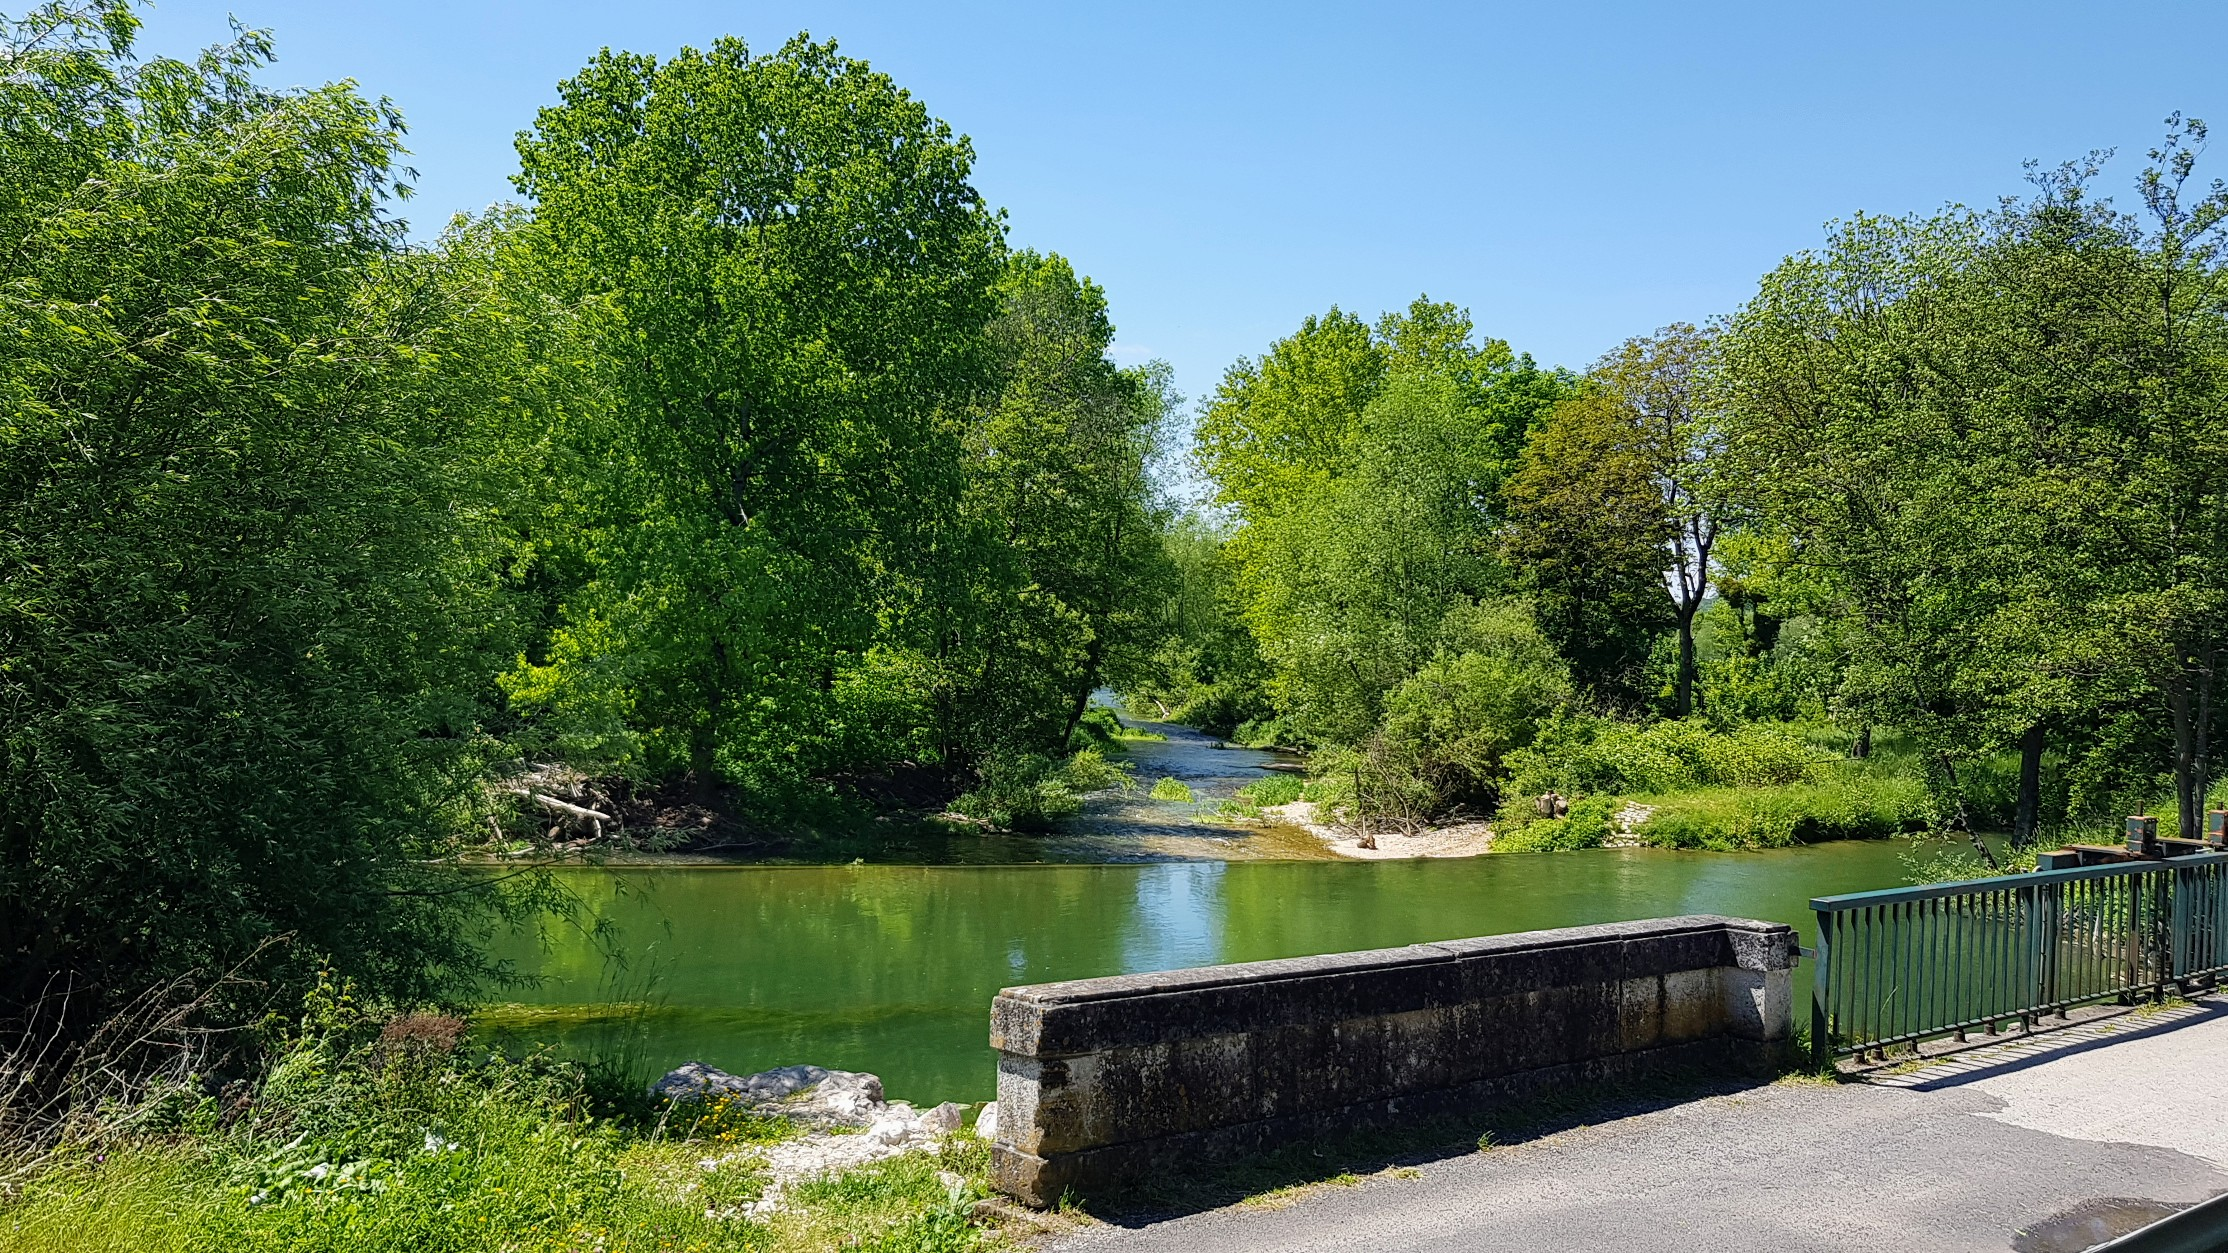 Natur pur: Verschiedene Marne-Arme, Kiesbänke urwaldartiger Bewuchs, ganz nah bei der nächsten Schleuse